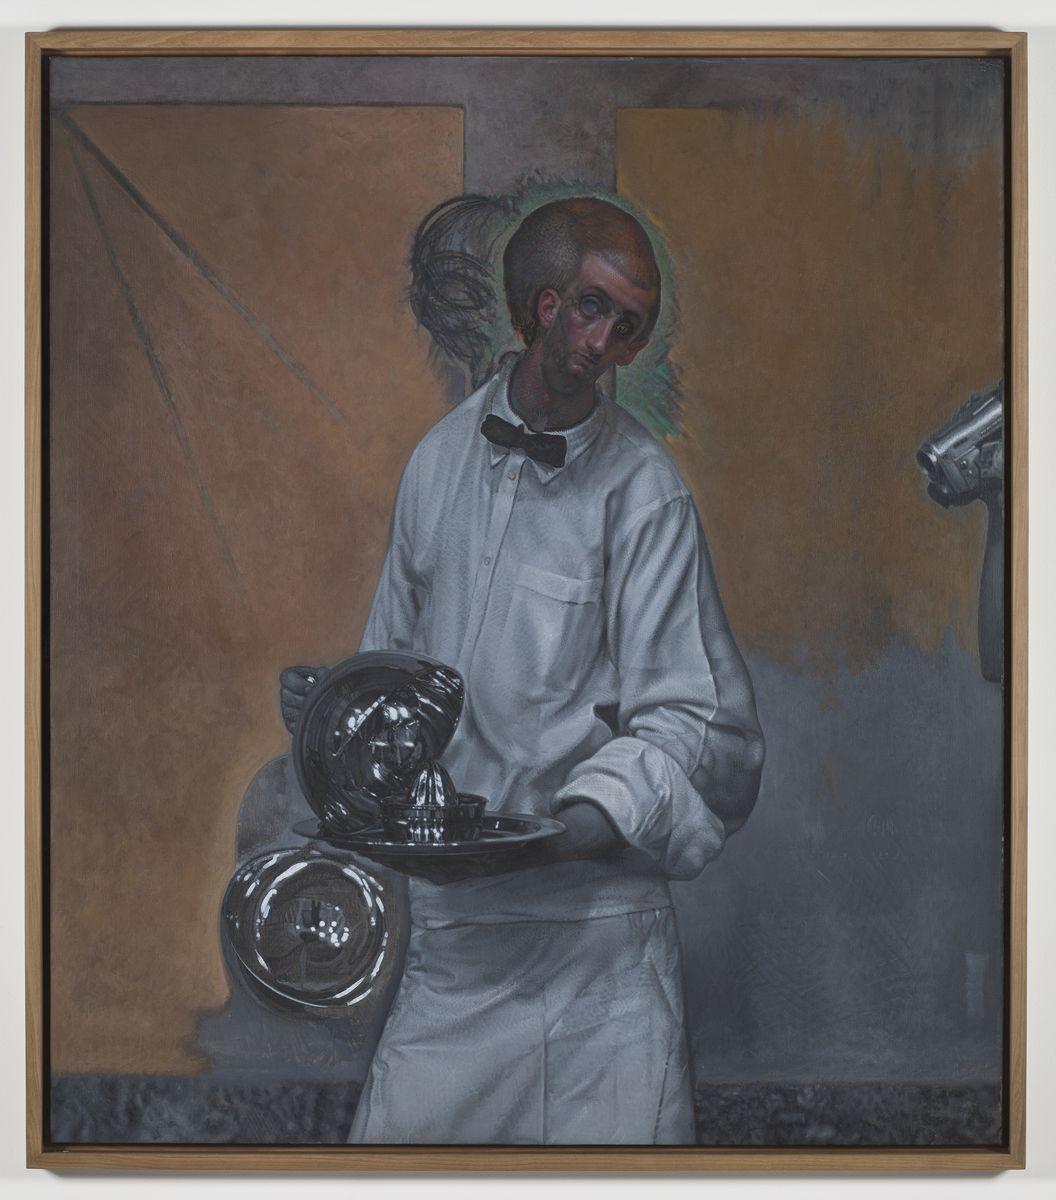 Pietro Roccasalva, O.H. Situazione d'opera in quattro stanze, Pietro Roccasalva, Il Traviatore, 2011, soft pastel on paper on forex